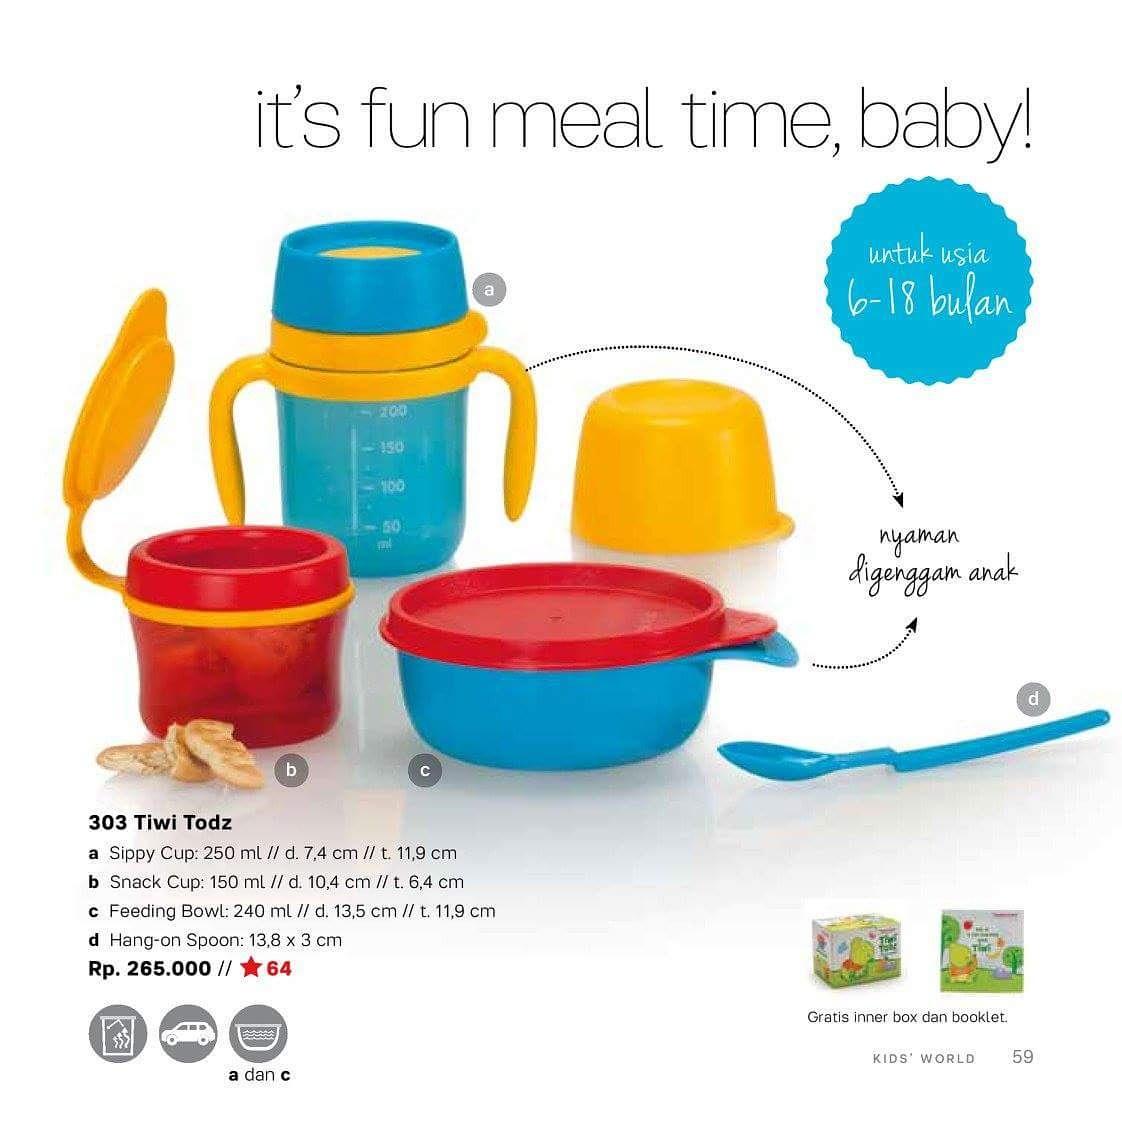 Tupperware Tiwi Kids Perlengkapan Makan Anak Referensi Daftar Kiddy Tempat Bayi Set Jual Todz